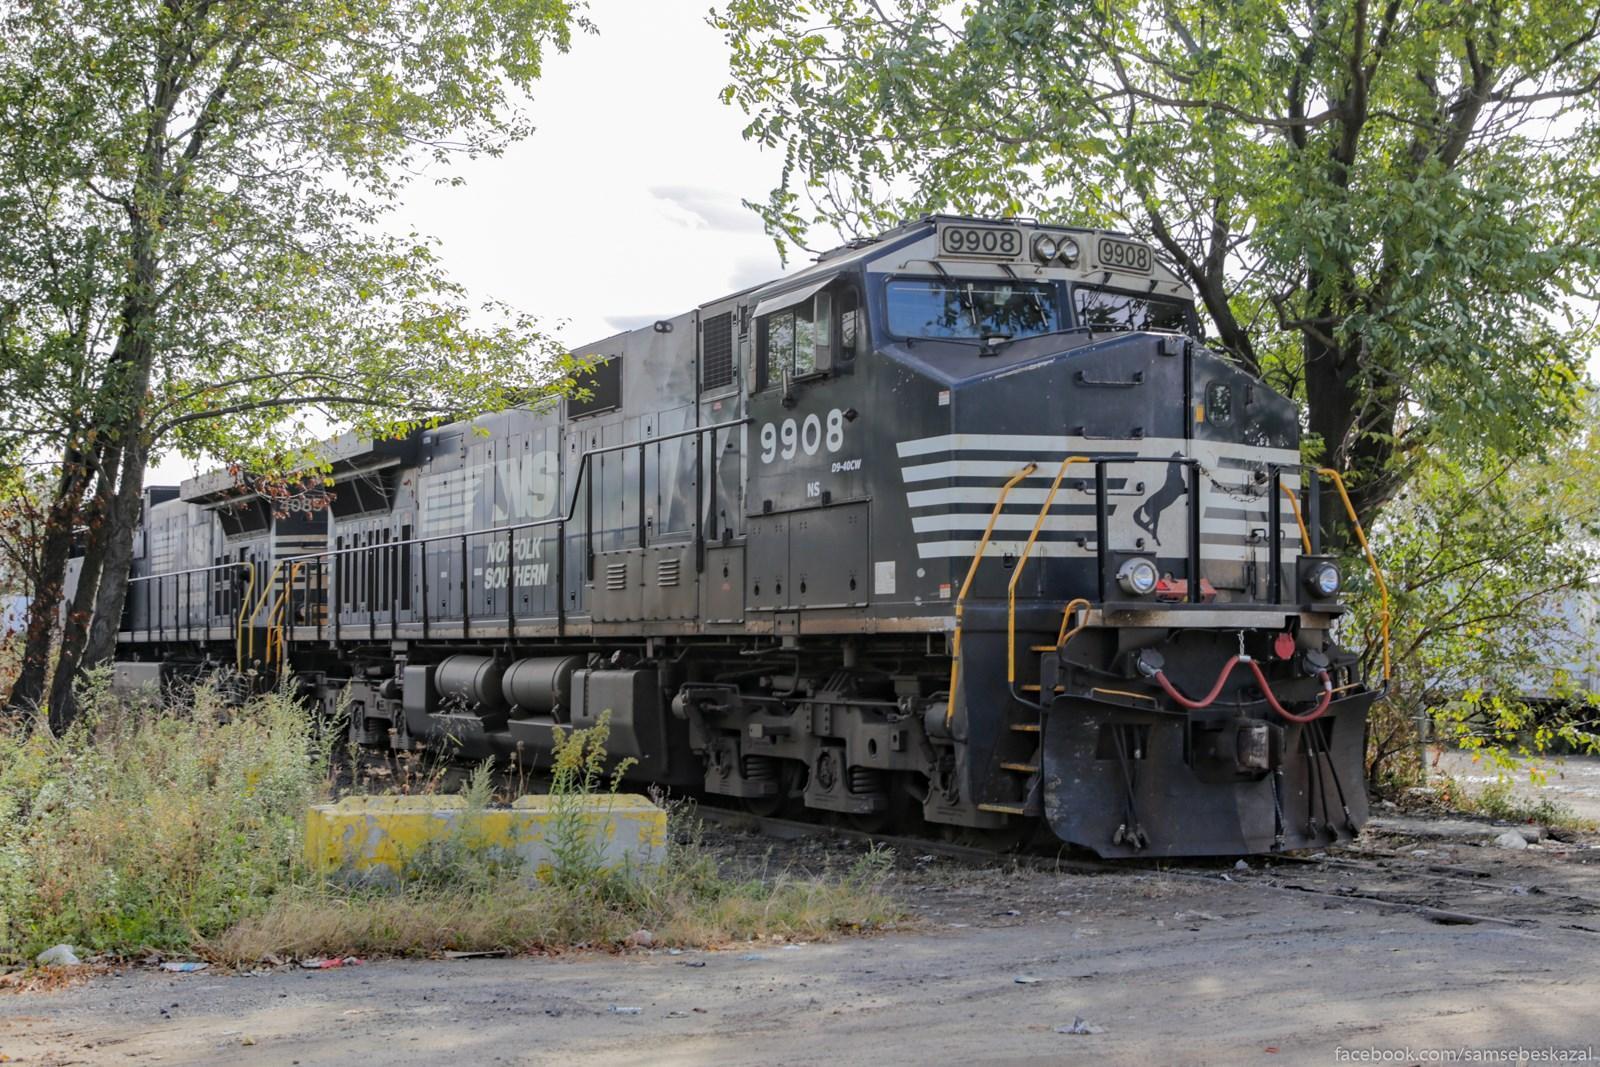 Spratalsa v kustah. Esli ne scitatʹ zeleznodoroznyh pereezdov i muzeev, to pervyj raz vizu tak blizko v Amerike lokomotiv.